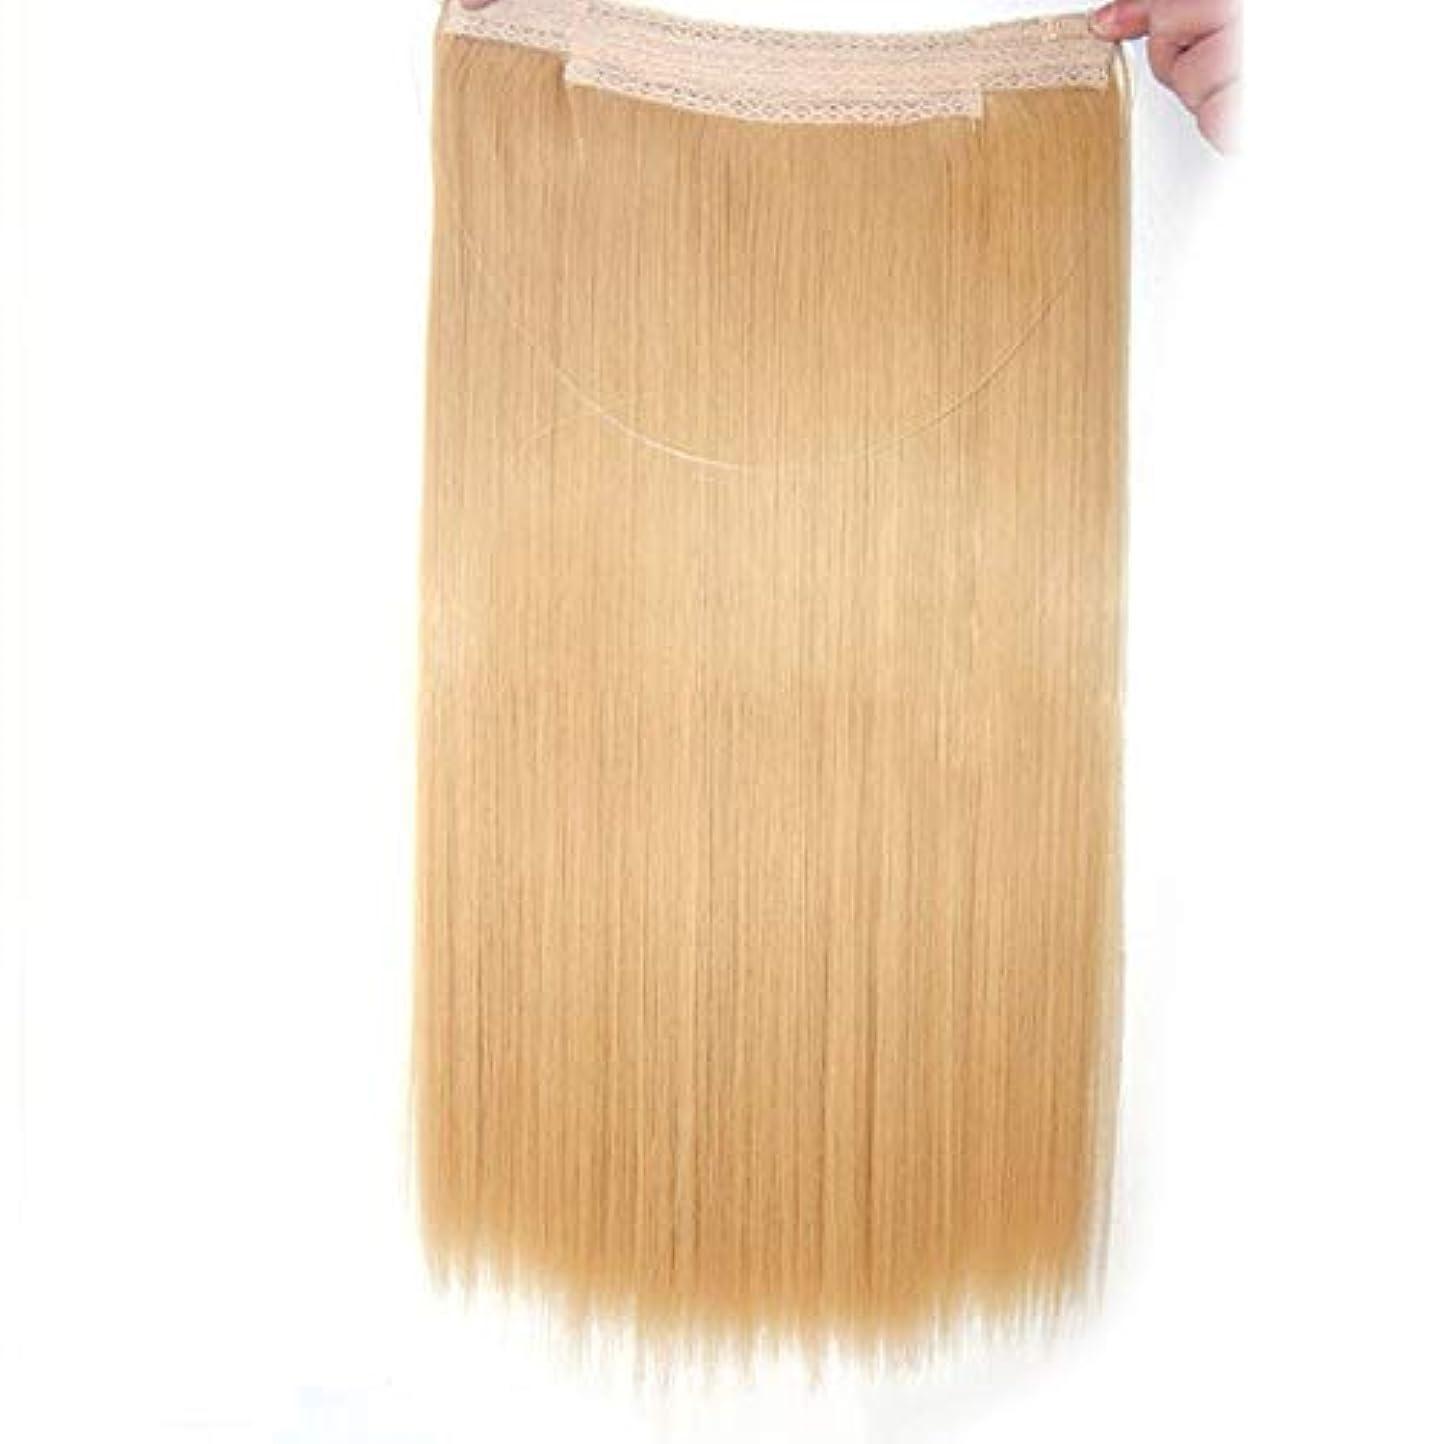 パースアーティキュレーションルビーWASAIO 女性のためのストレート延長ロングかつらブロンドブラウン色のヘアエクステンションクリップのシームレスな髪型隠しワイヤー (色 : Blonde, サイズ : 10 inch)